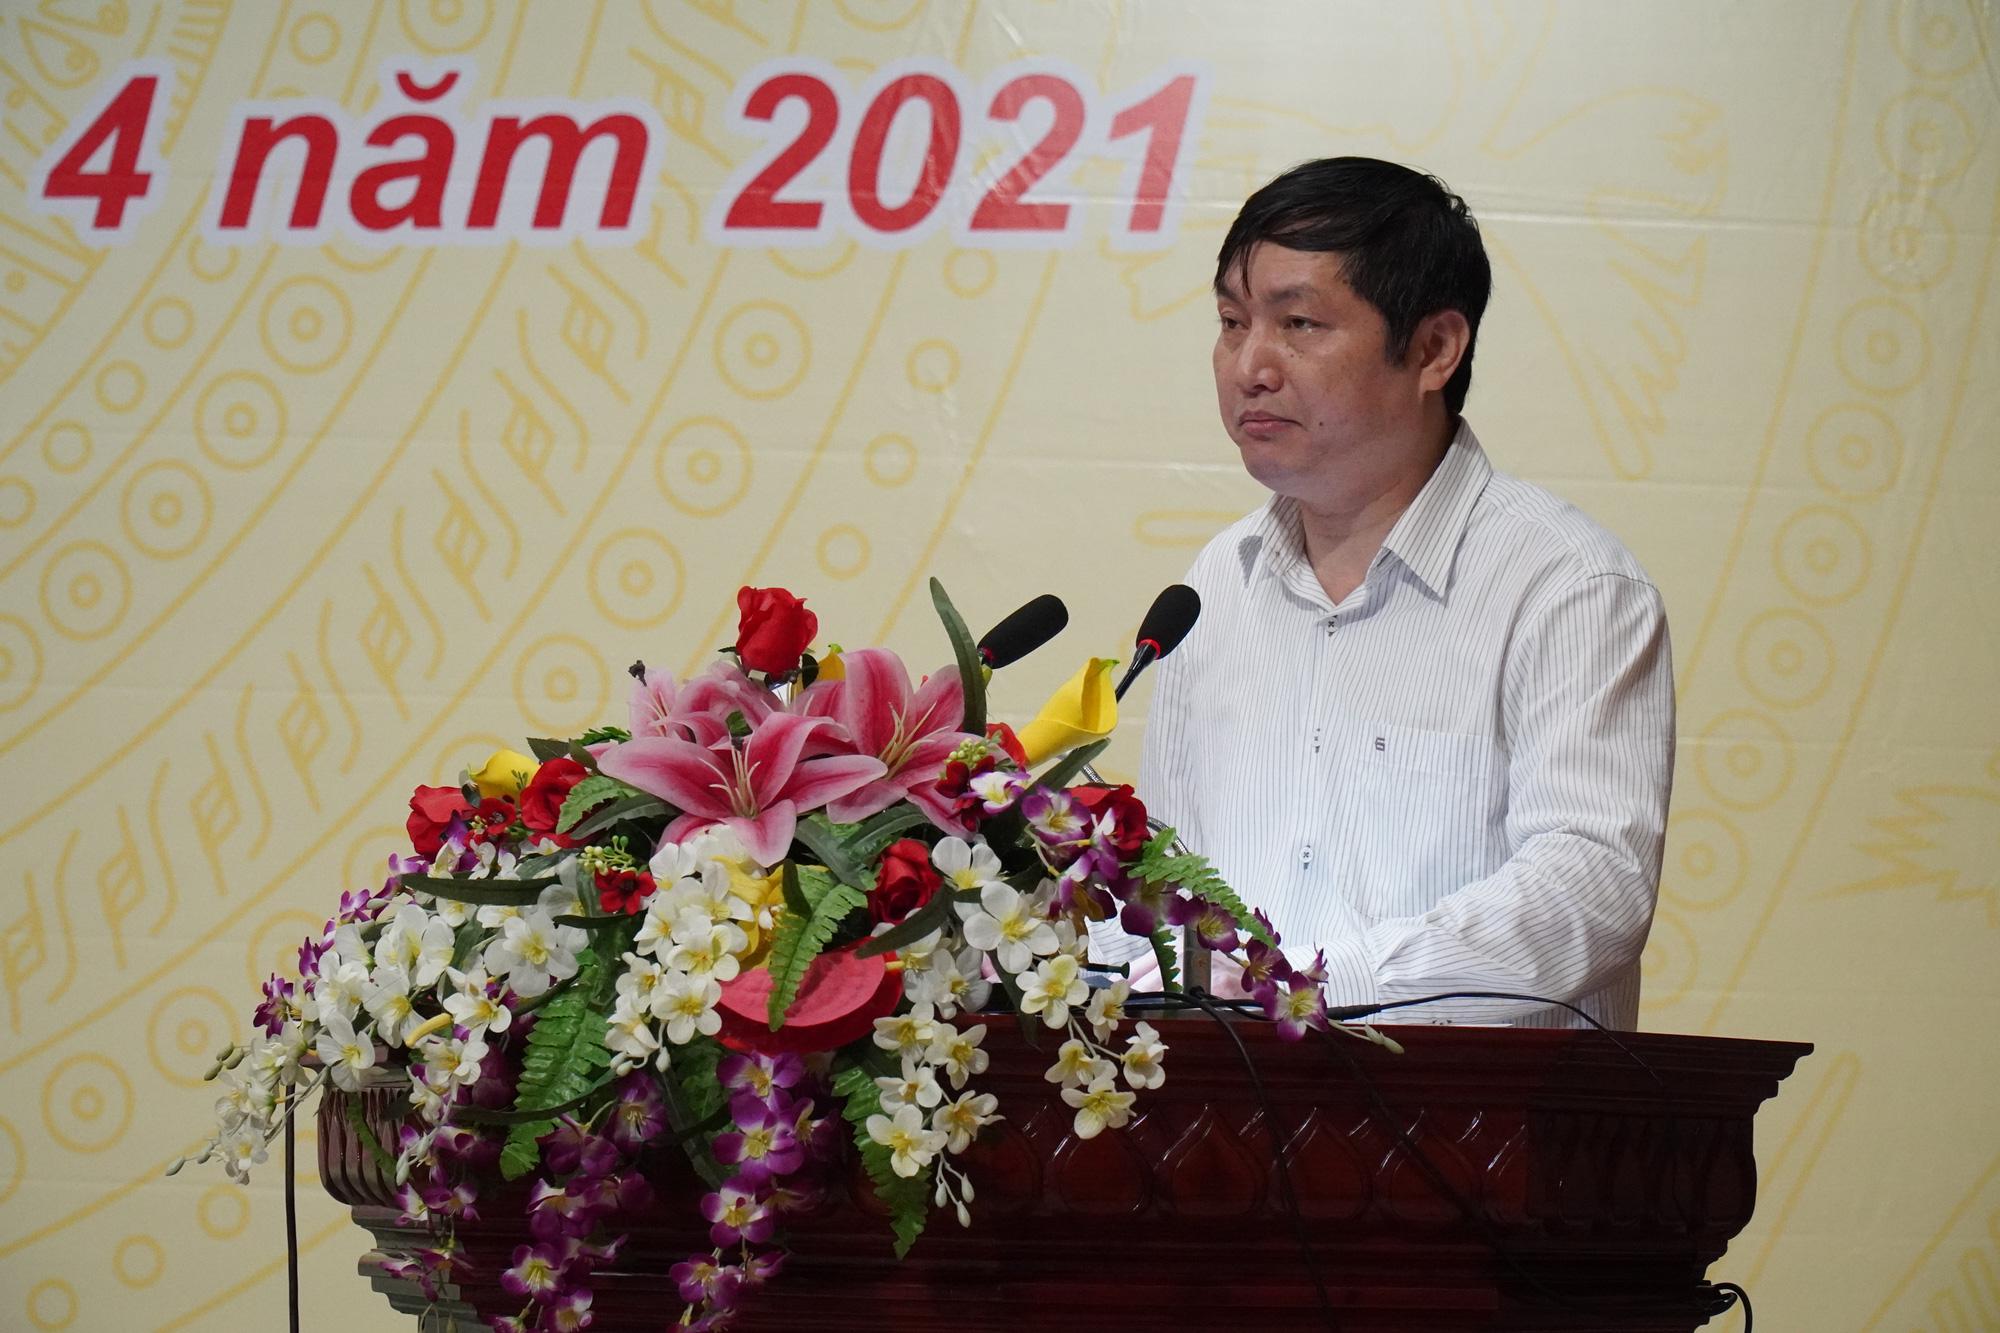 Bắc Ninh: Ngộ độc thực phẩm giảm mạnh, siết quản lý an toàn thực phẩm ở khu đông dân cư, công nhân - Ảnh 1.